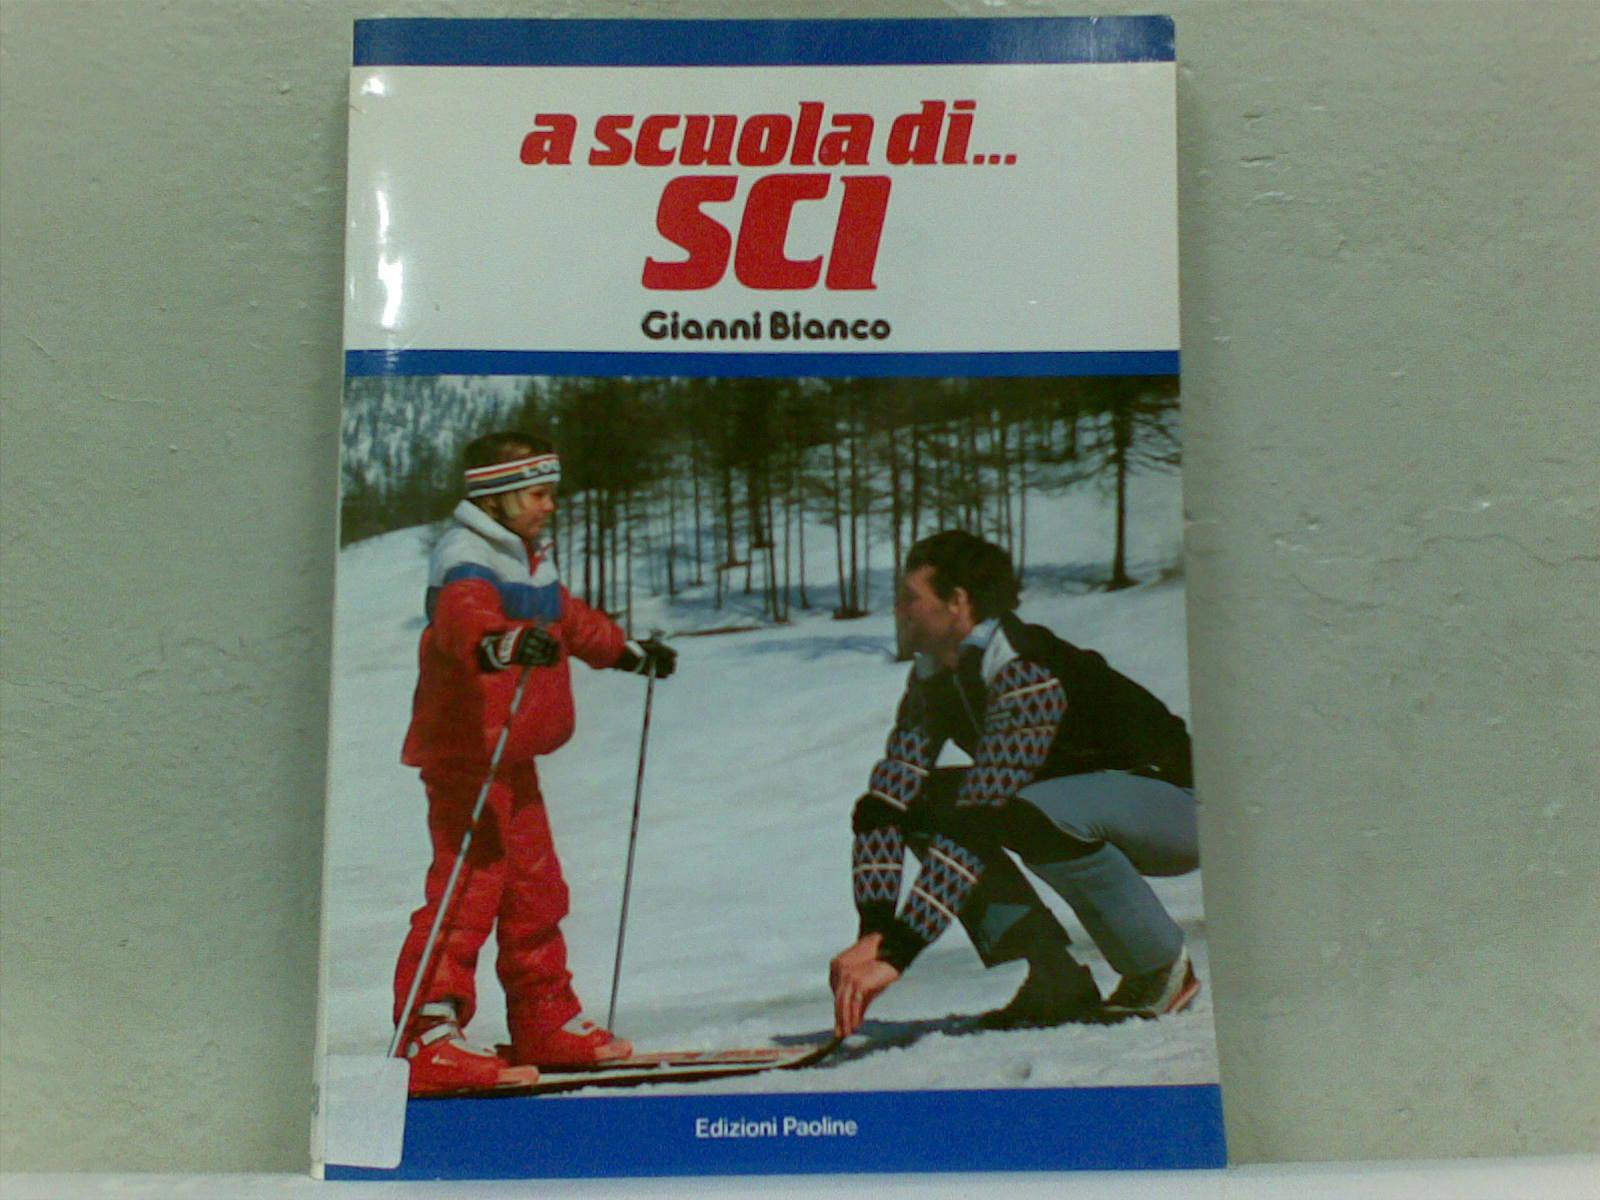 A scuola di sci